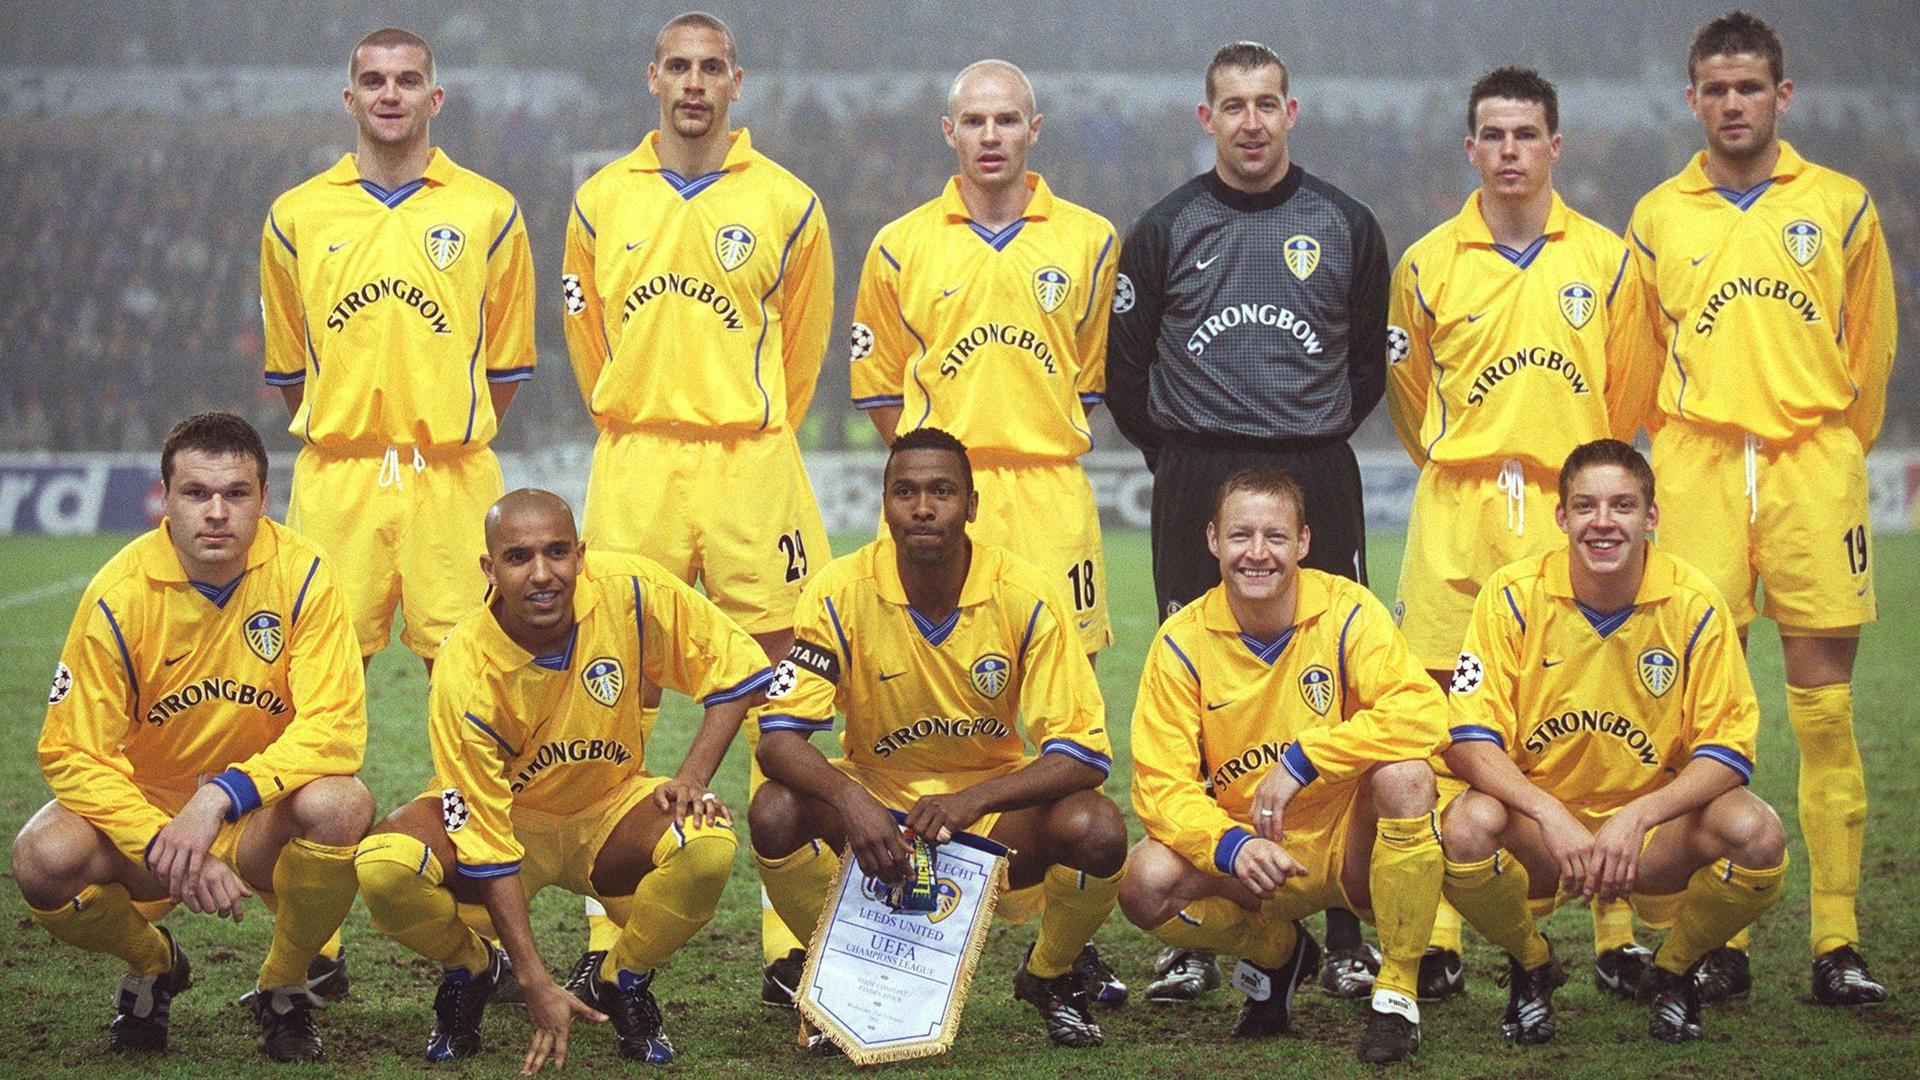 Leeds United 2000/2001 Team